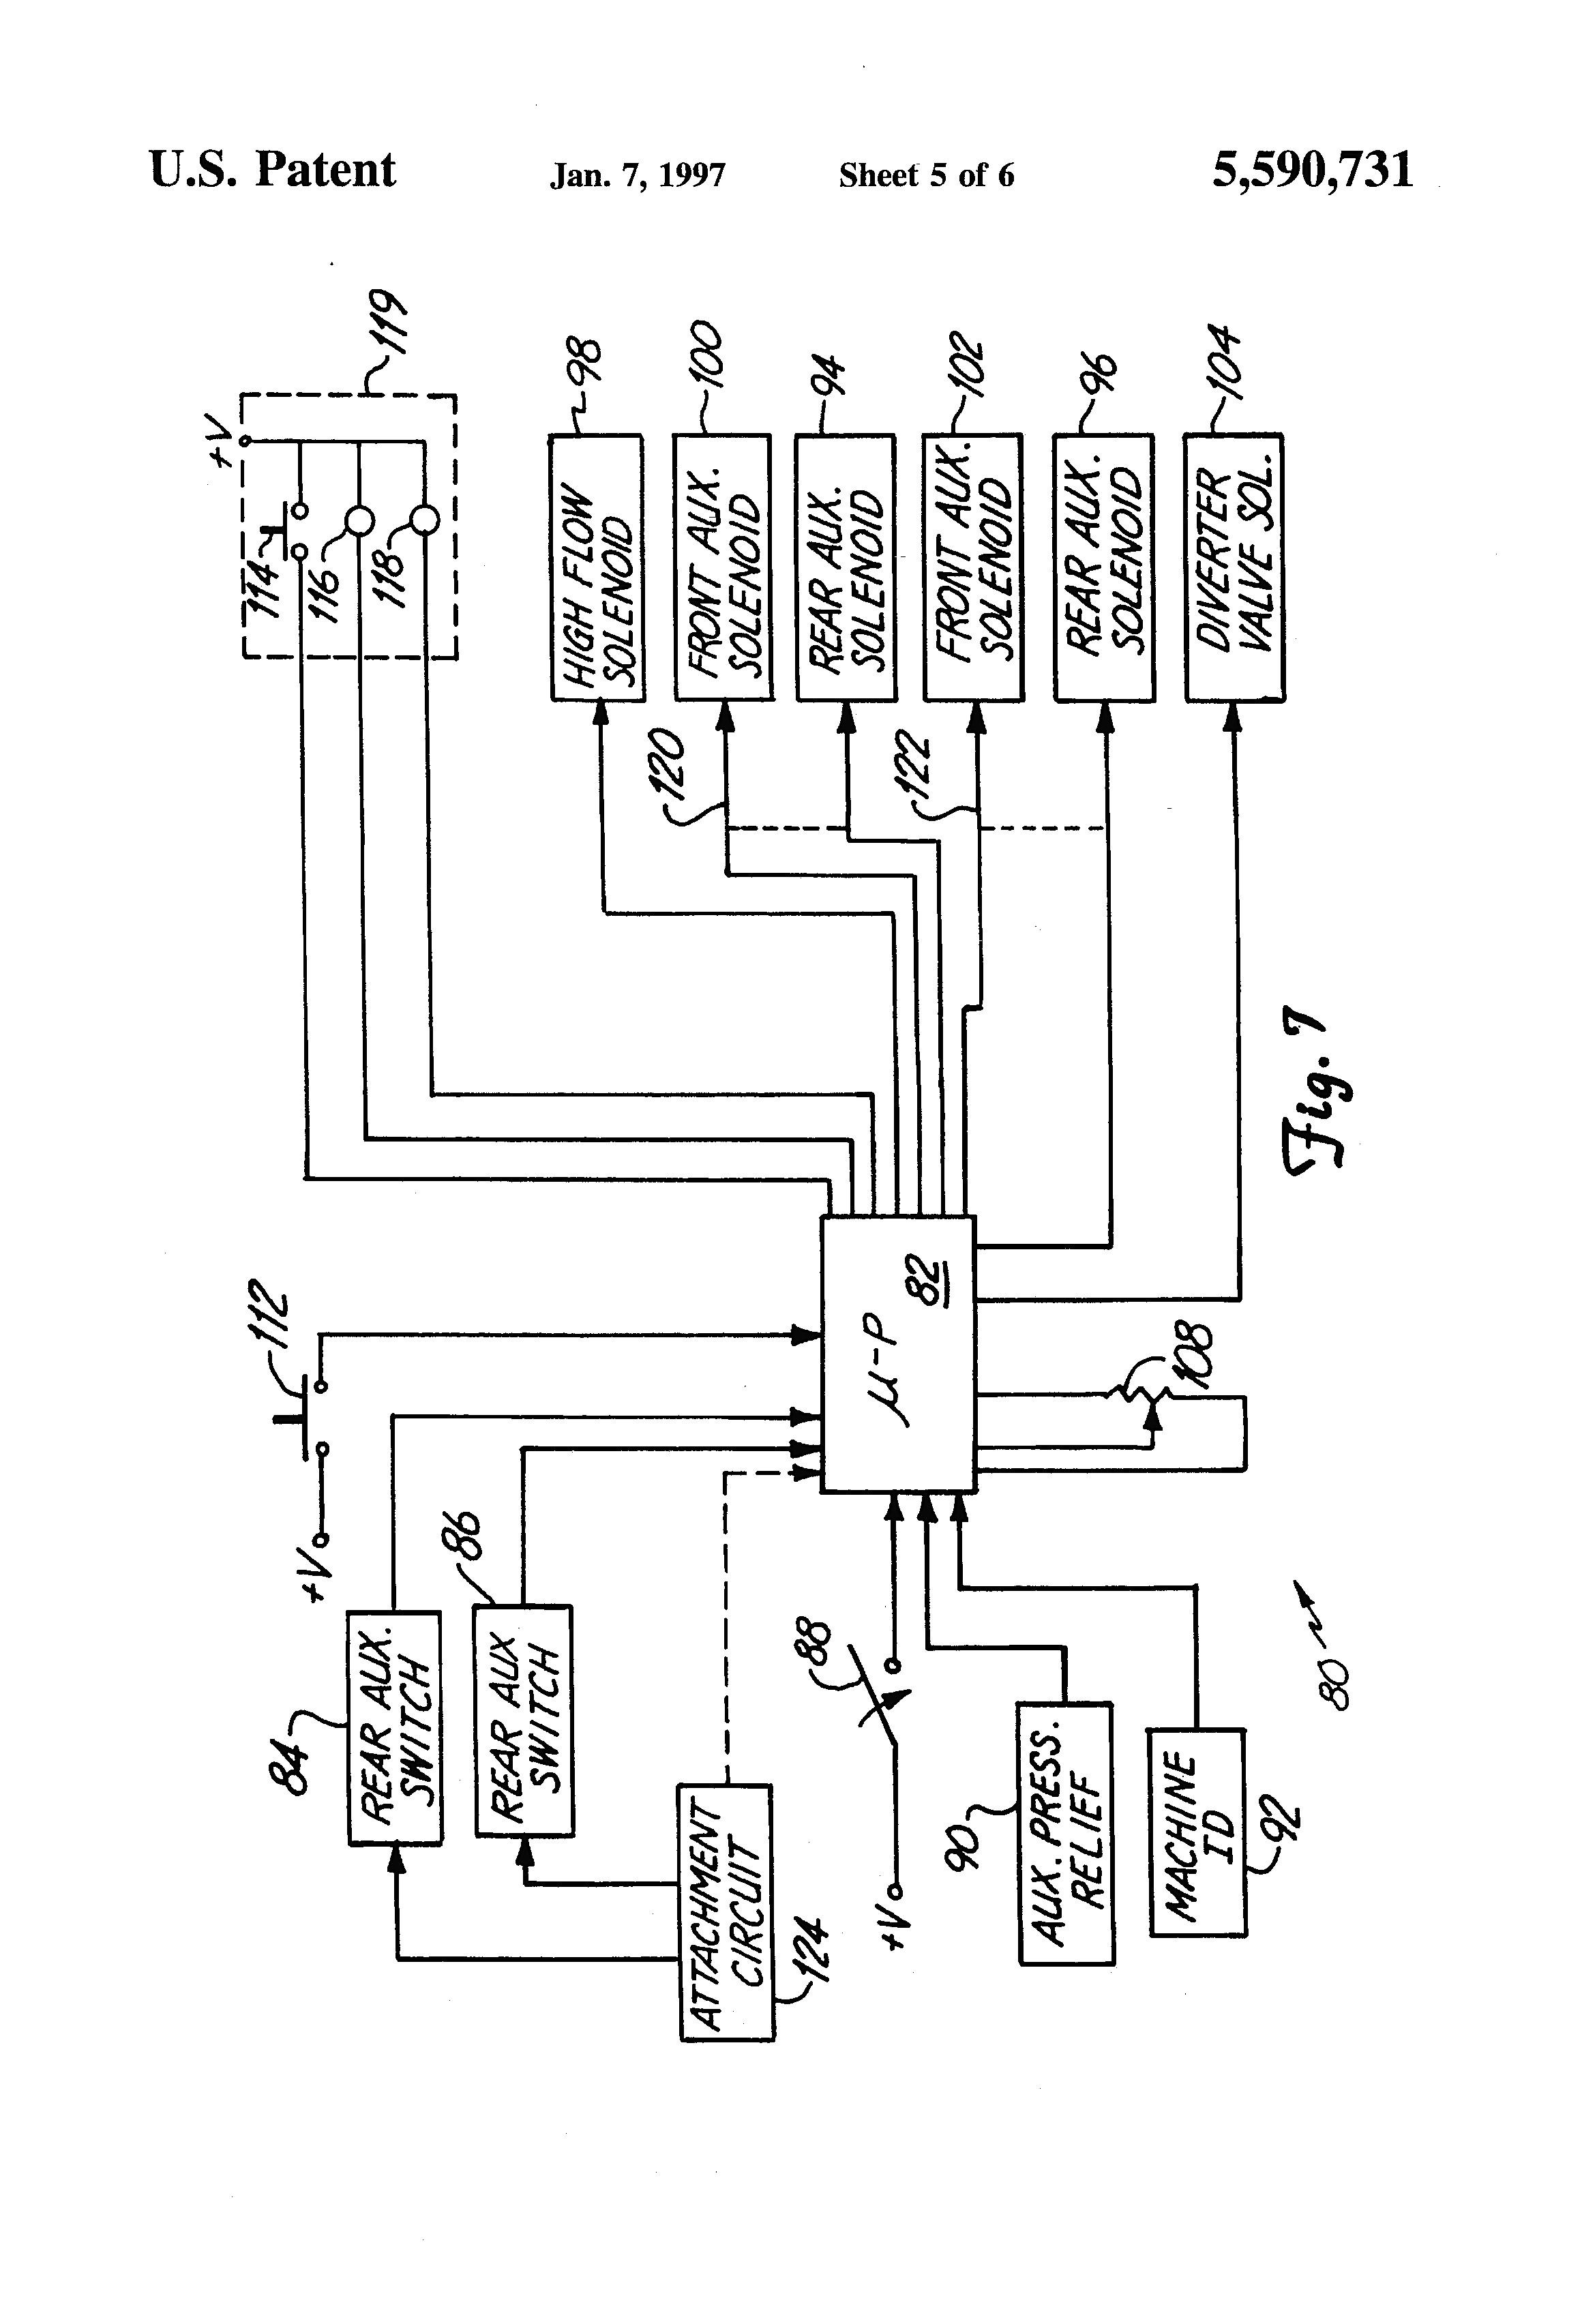 [DIAGRAM] Vacuum Pump For Wine Making Wiring Diagram FULL